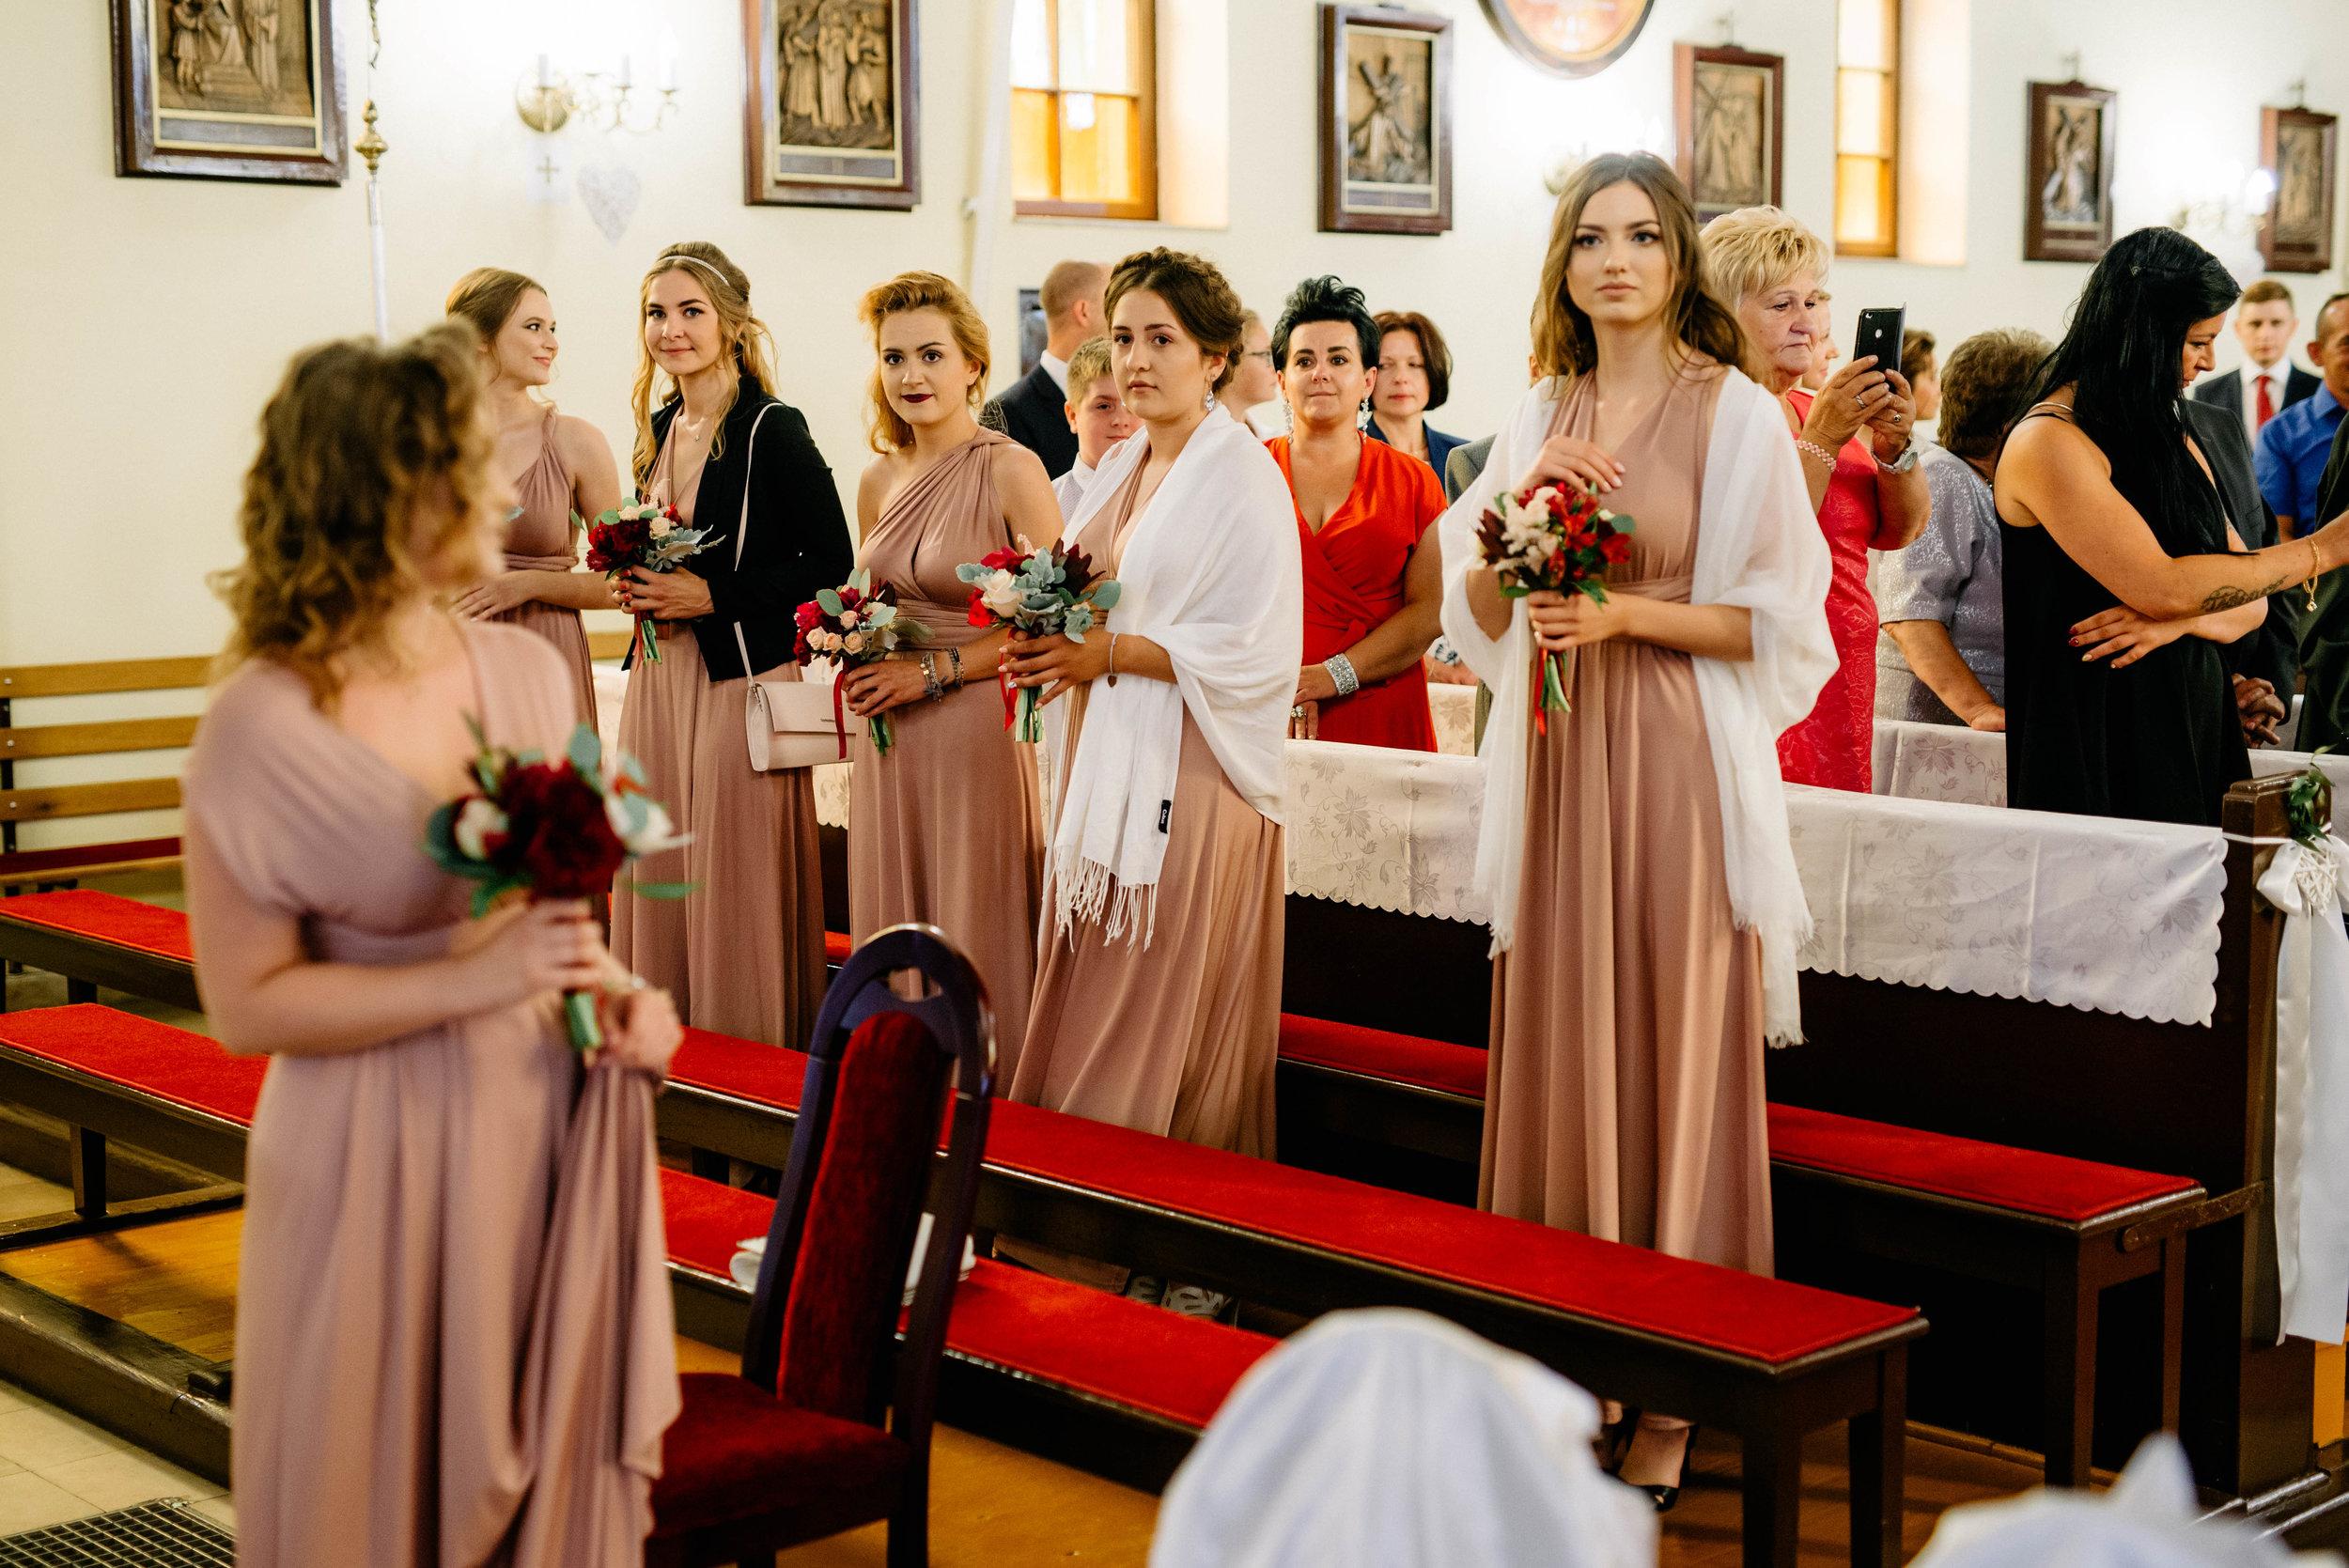 sandra_michał_ślub_wrocław_pałac_pawłowice-416.jpg